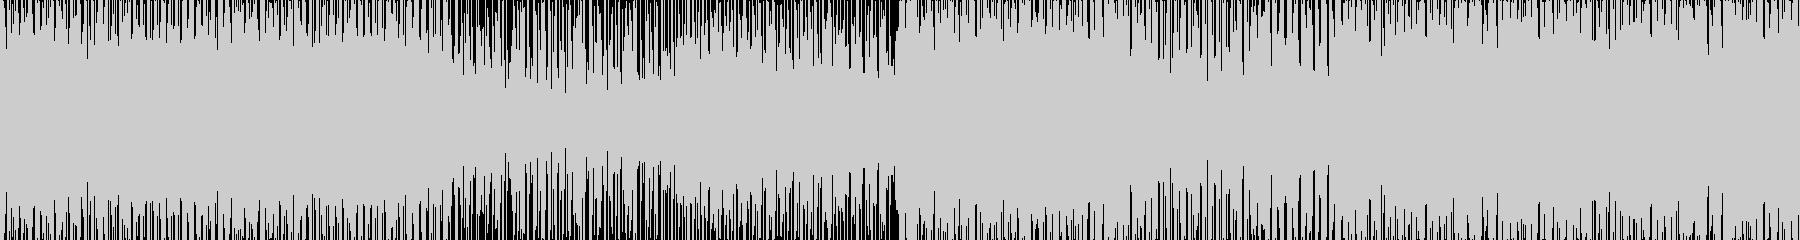 ノリ良EDMエレクトロテクノアンビエントの未再生の波形